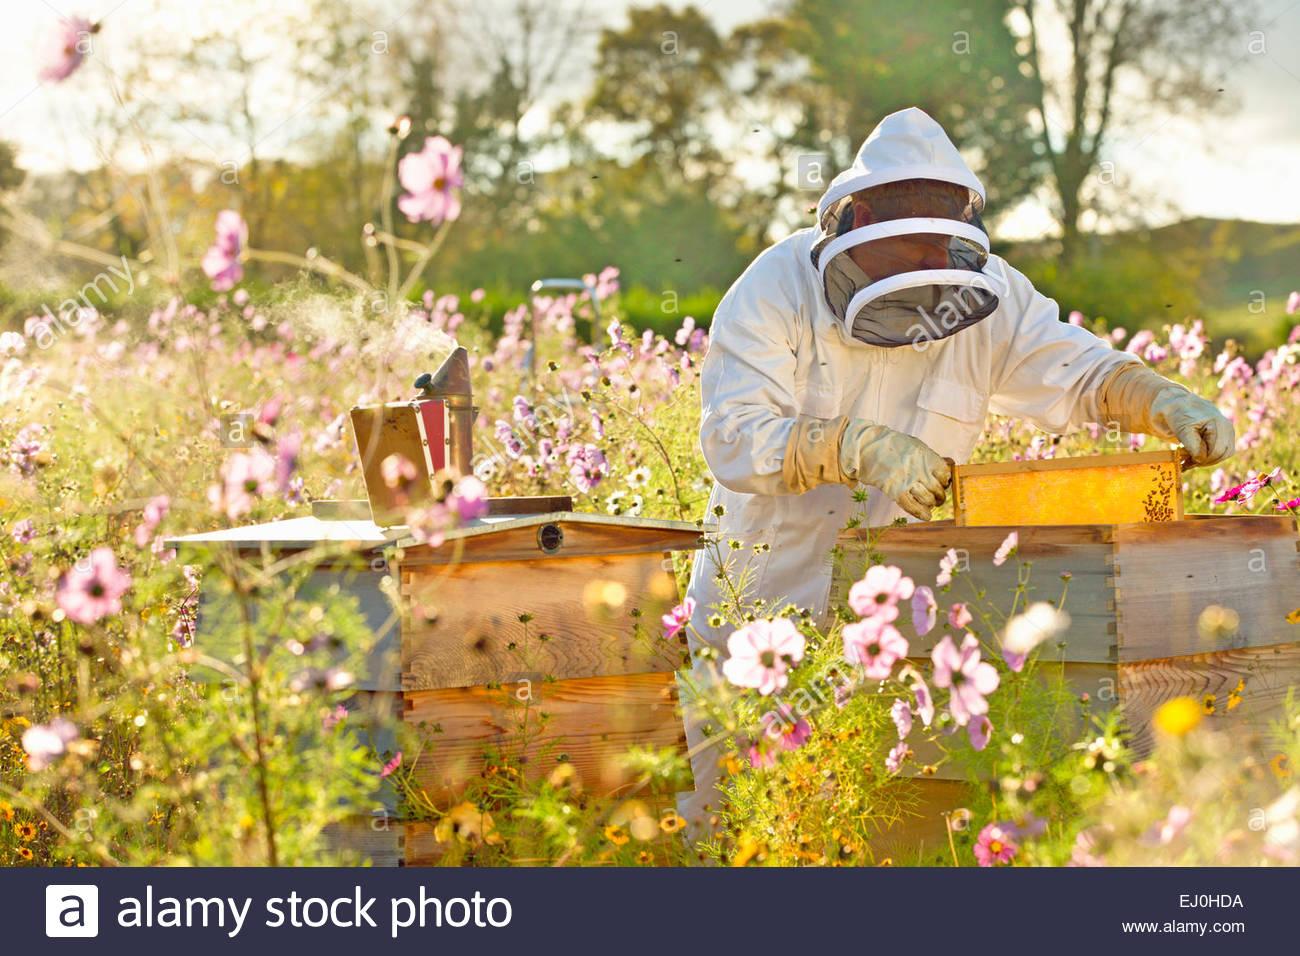 Imker entfernen von Rahmen aus Bienenstock im Feld voller Blumen Stockbild